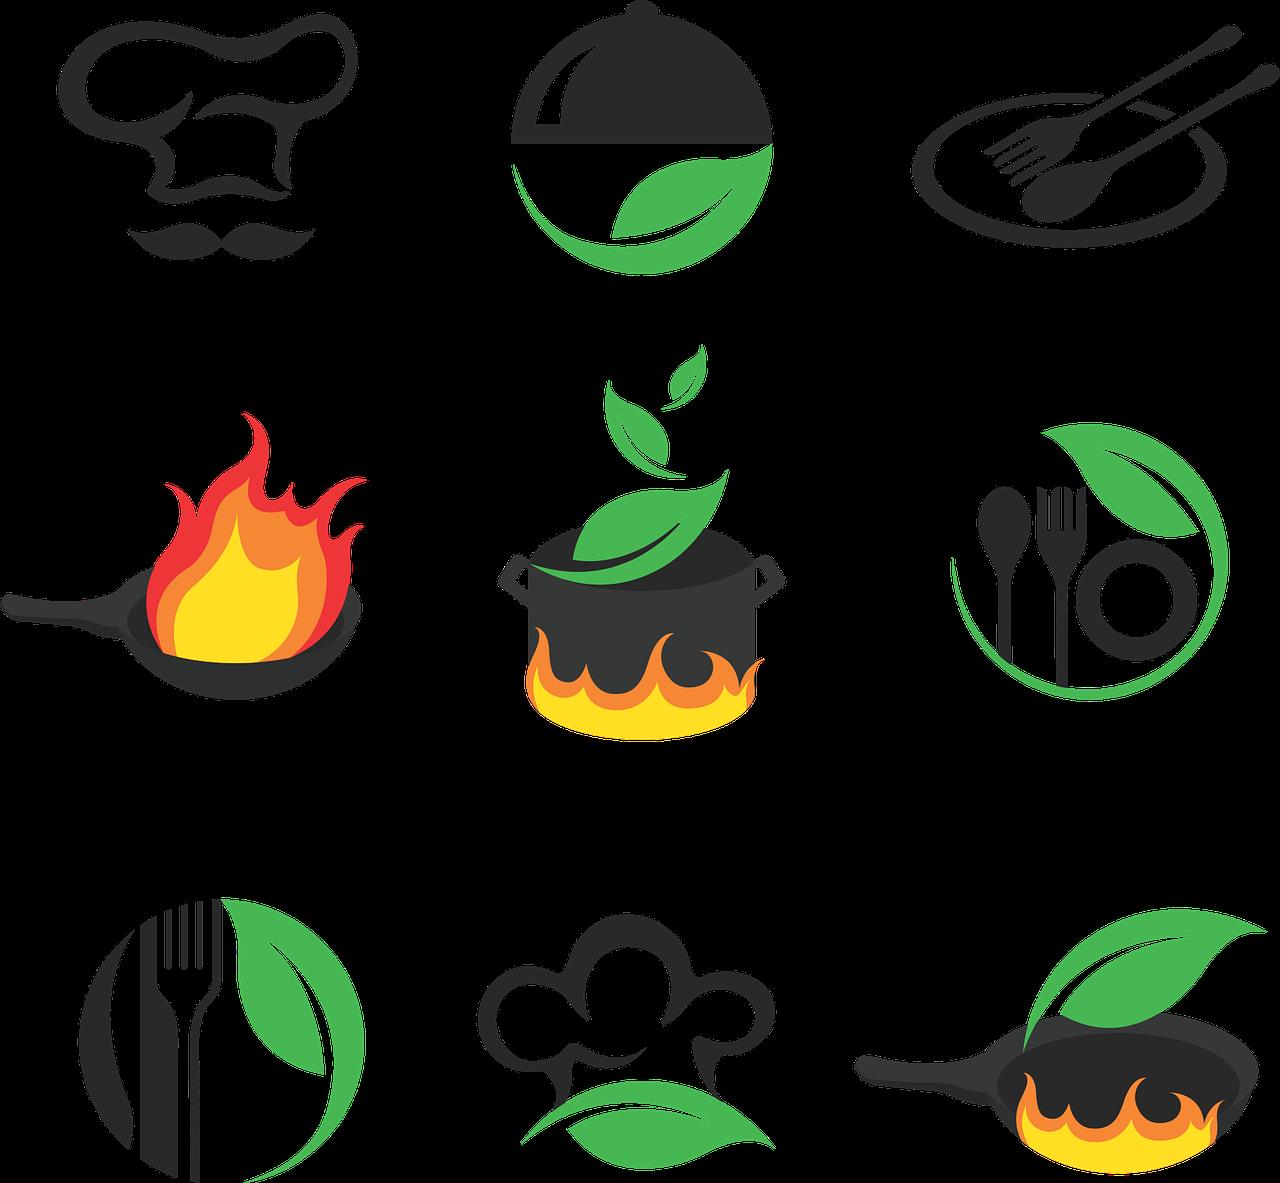 logo masakan makanan gambar vektor gratis di pixabay https creativecommons org licenses publicdomain